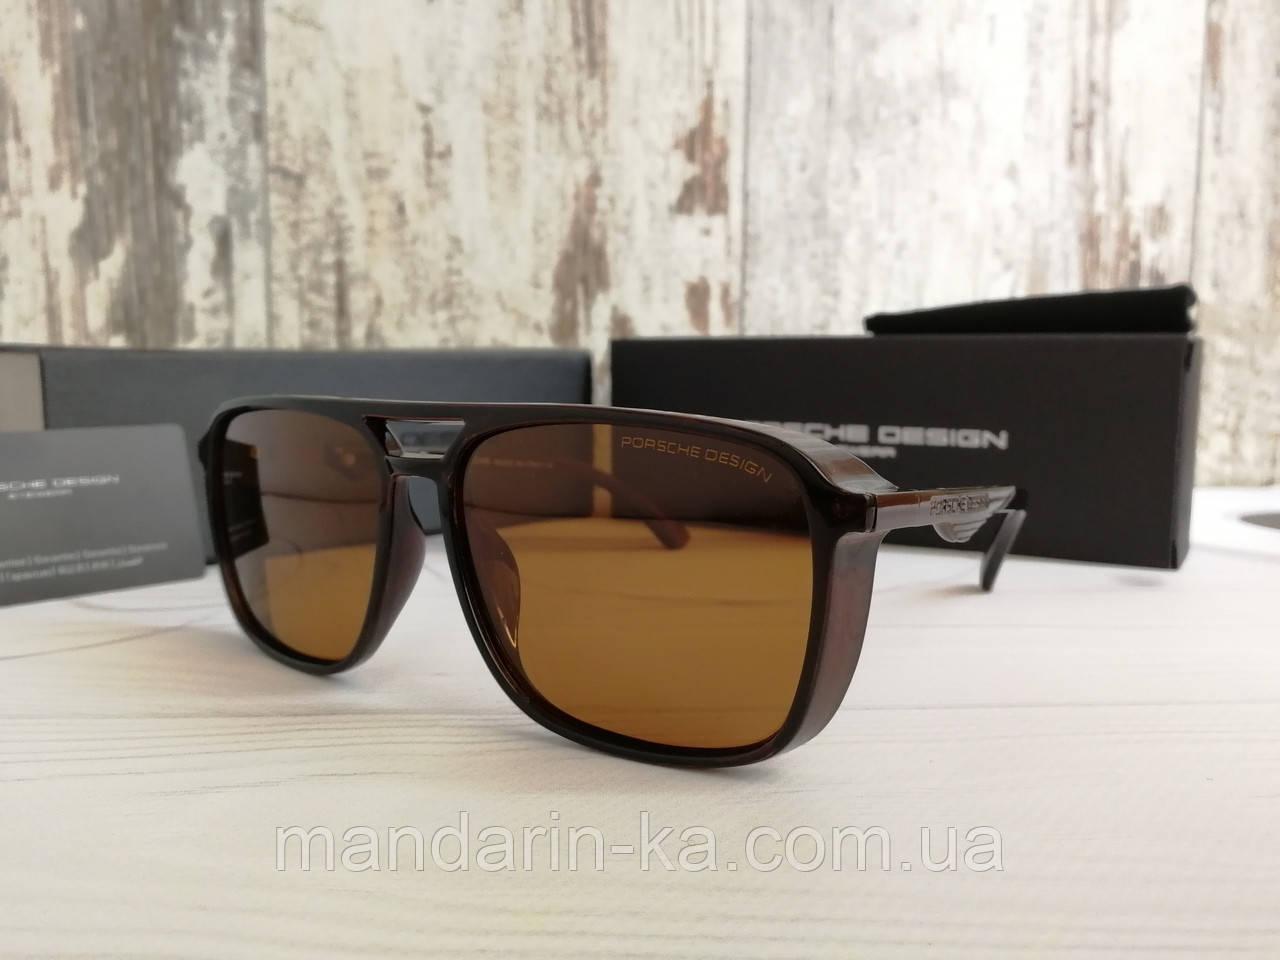 Очки мужские солнцезащитные с поляризацией